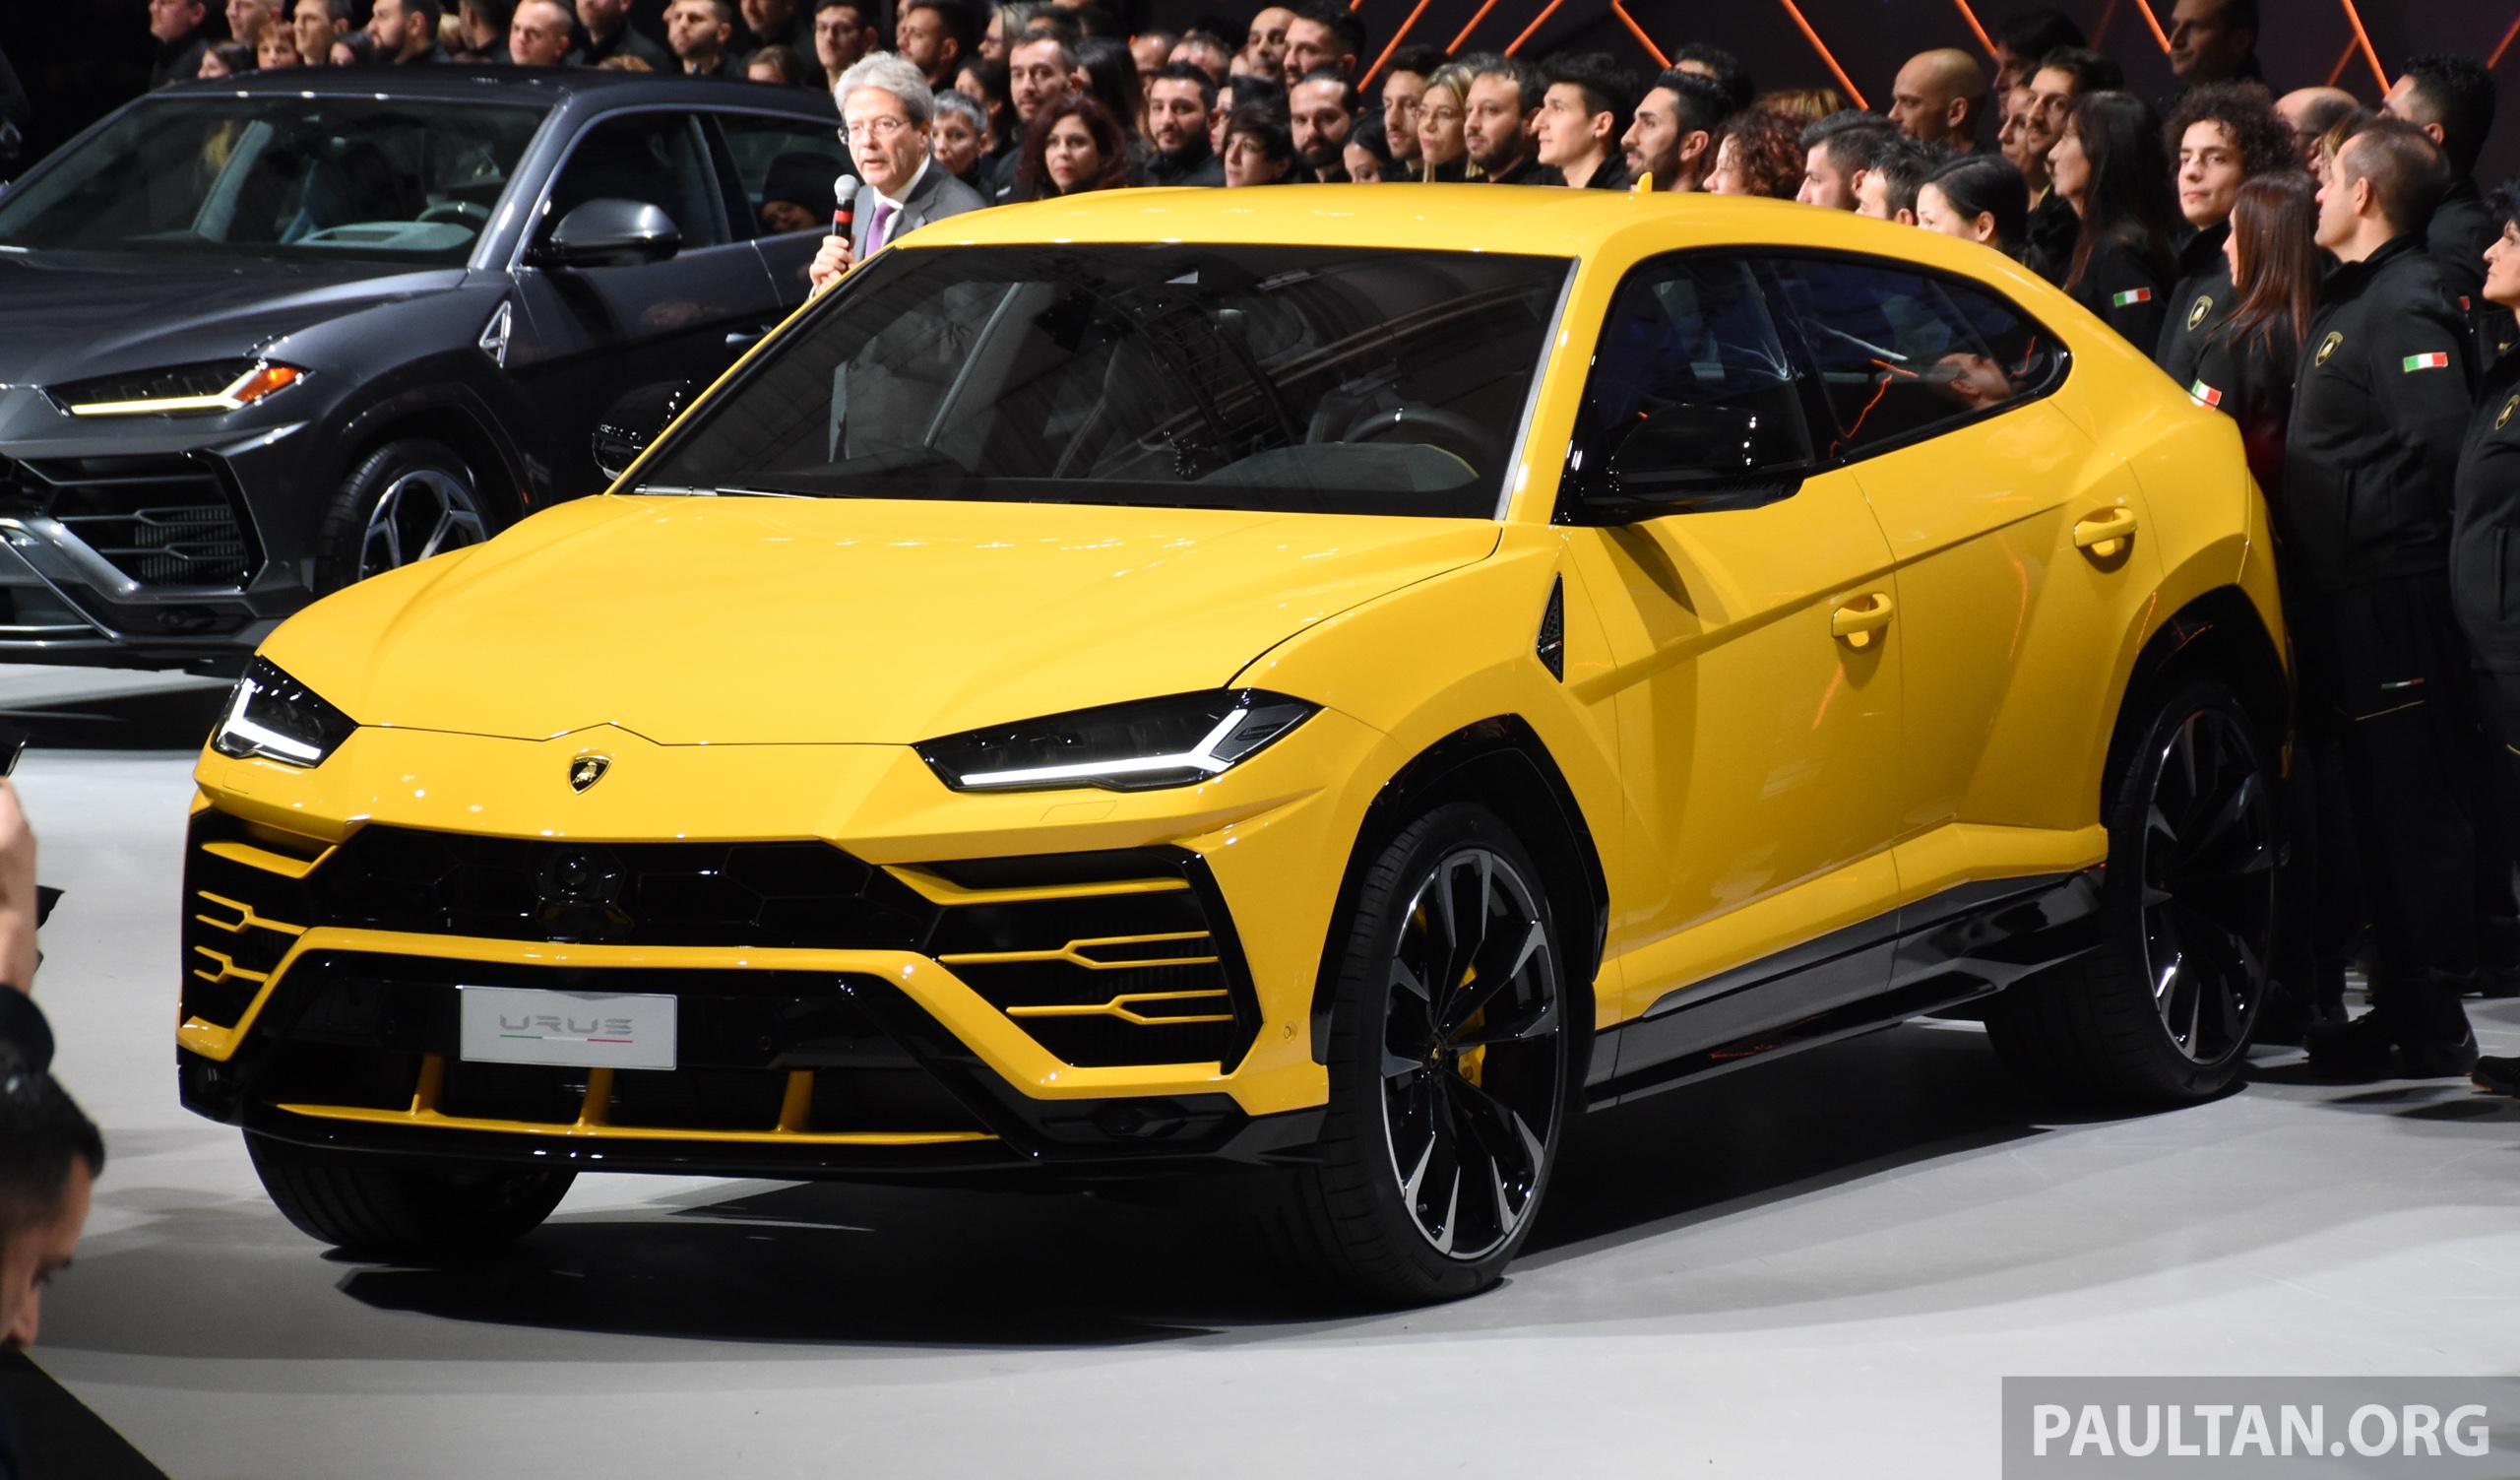 Lamborghini Urus tampil secara rasmi  SUV 650 PS, 850 Nm tork, penghantaran bermula pada tahun 2018